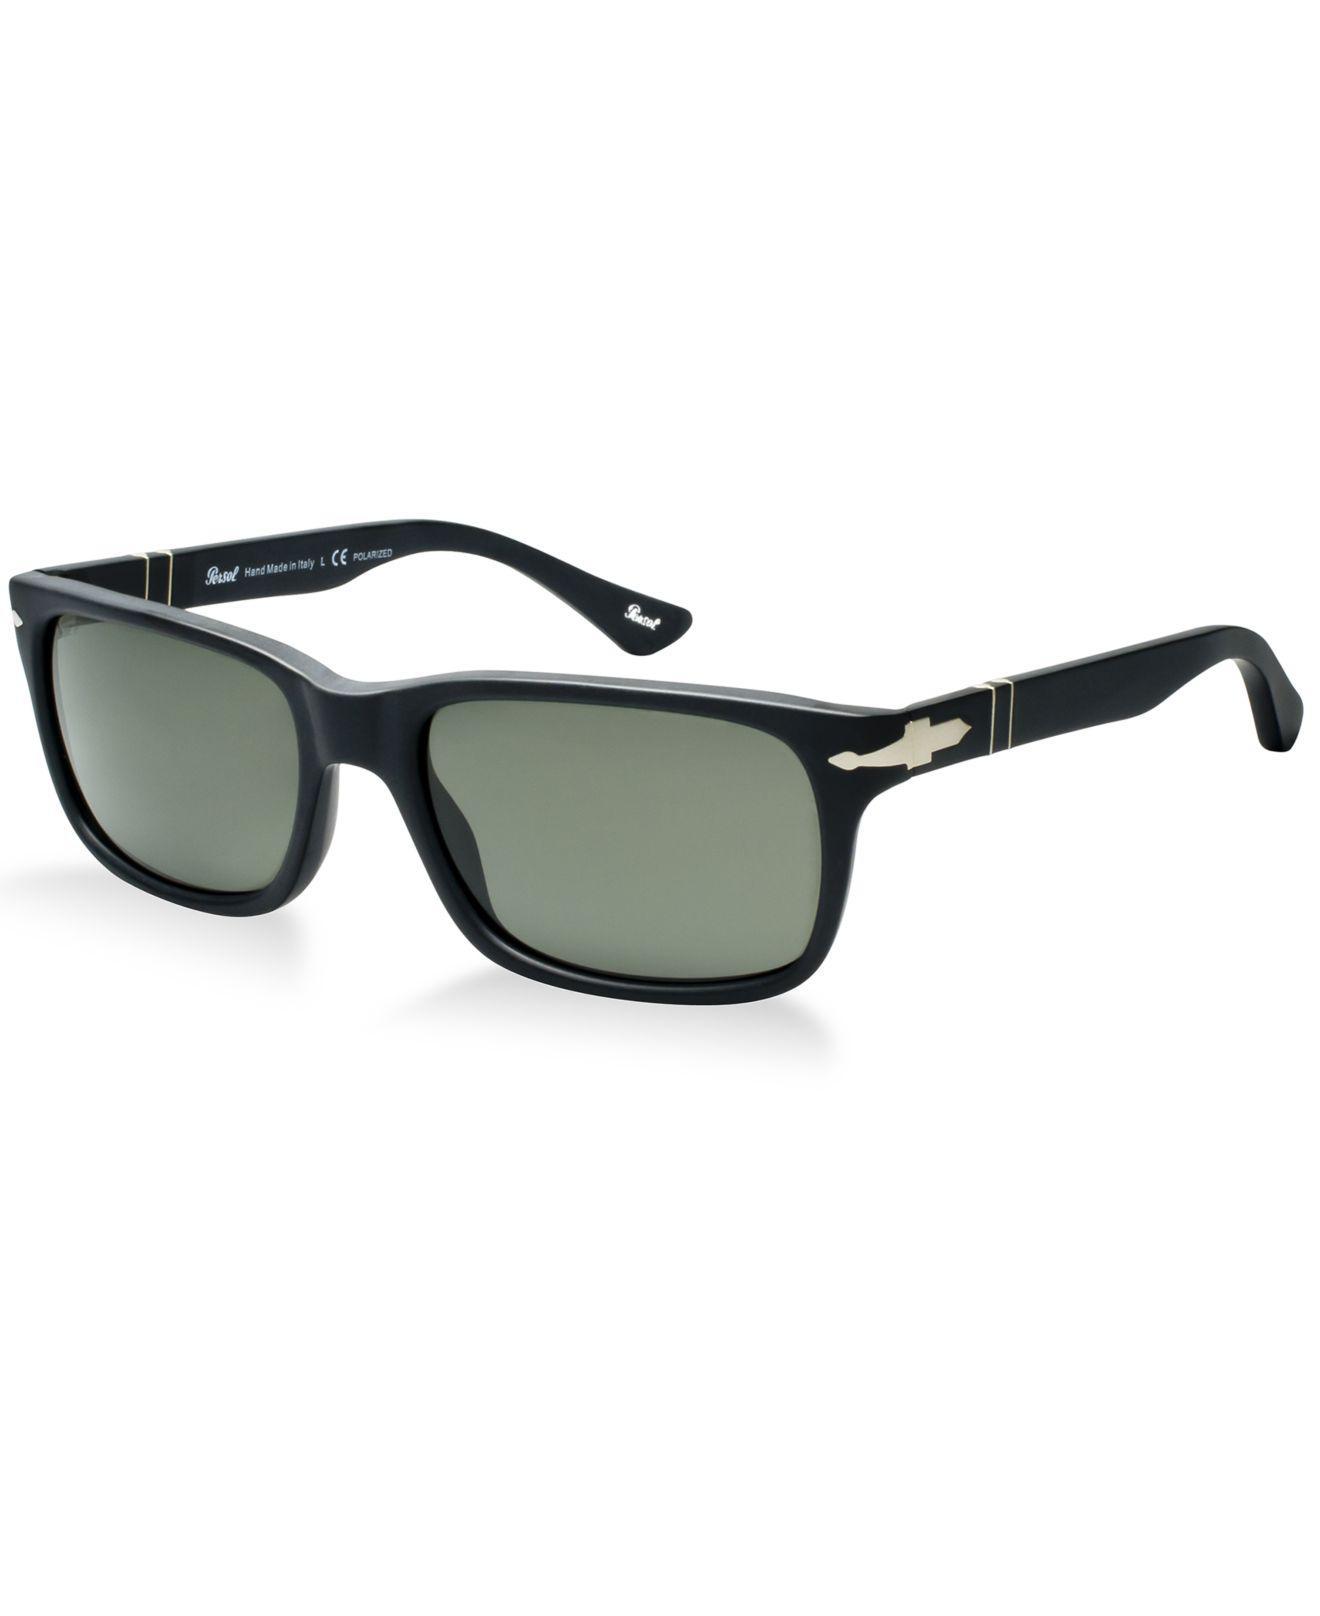 Persol Herren 0Po3048S 900058 58 Sonnenbrille, Schwarz (Black/Grey)